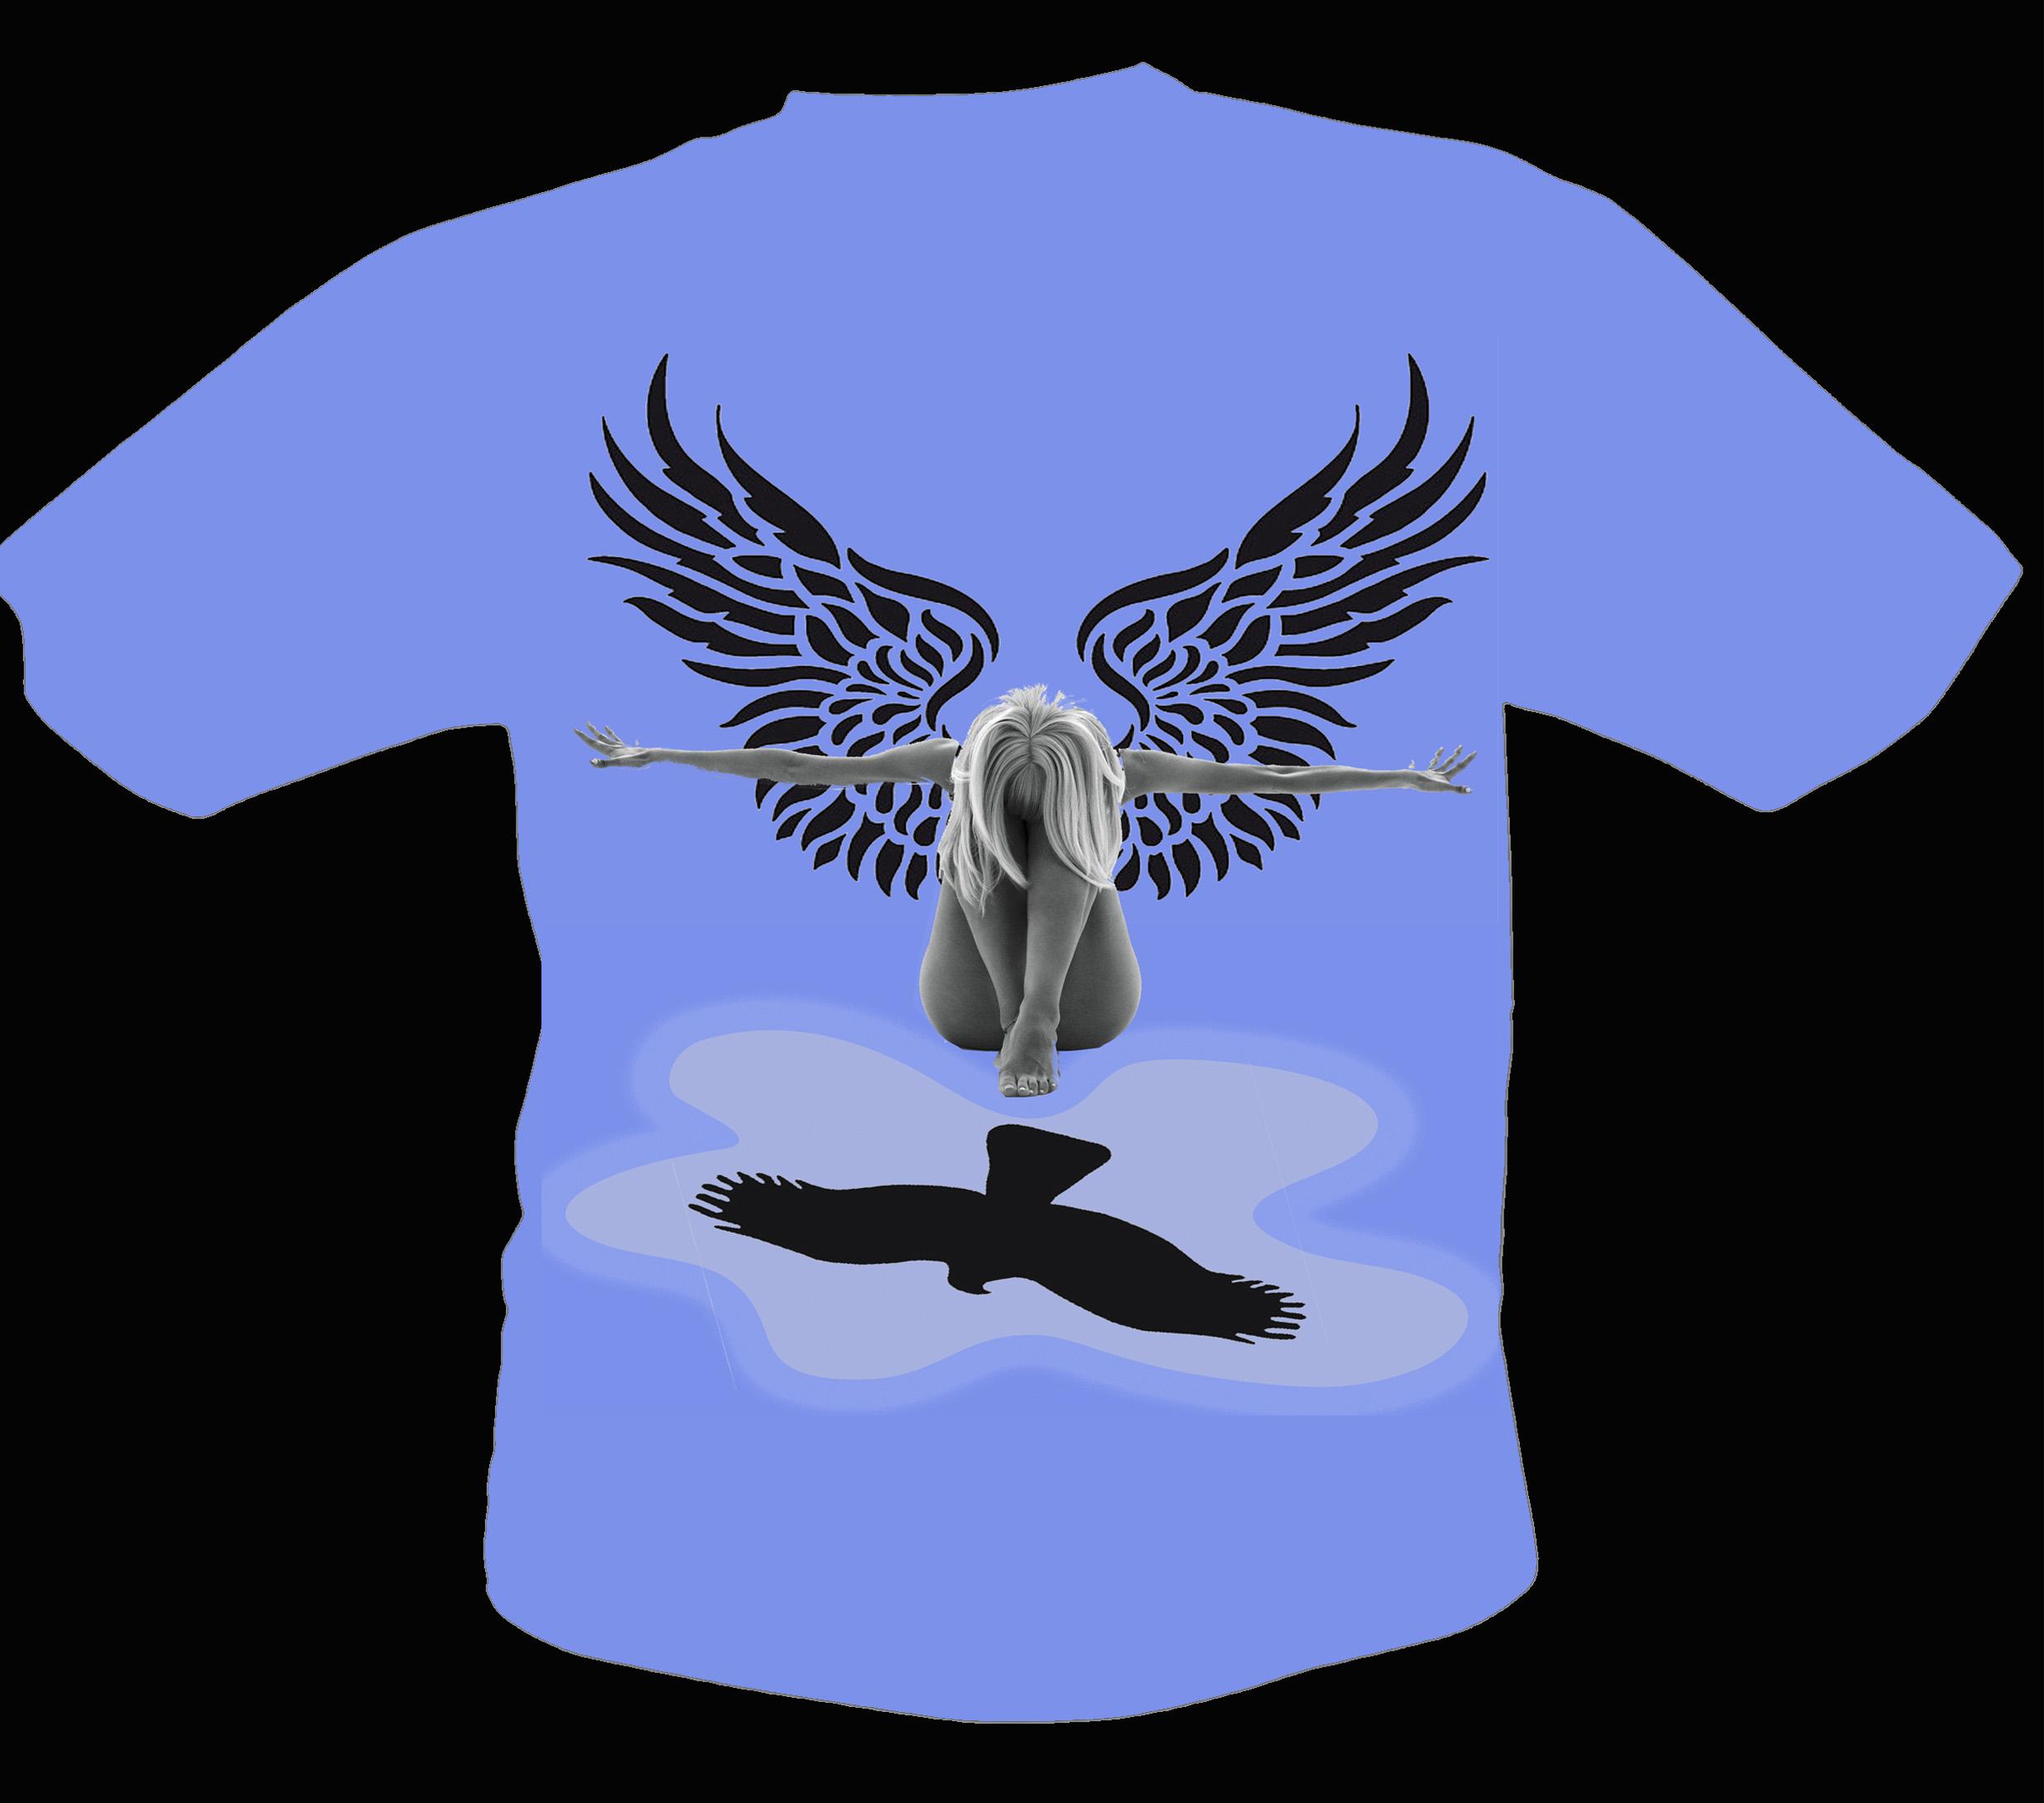 Tričko návrh 2 - žena dravec kopie